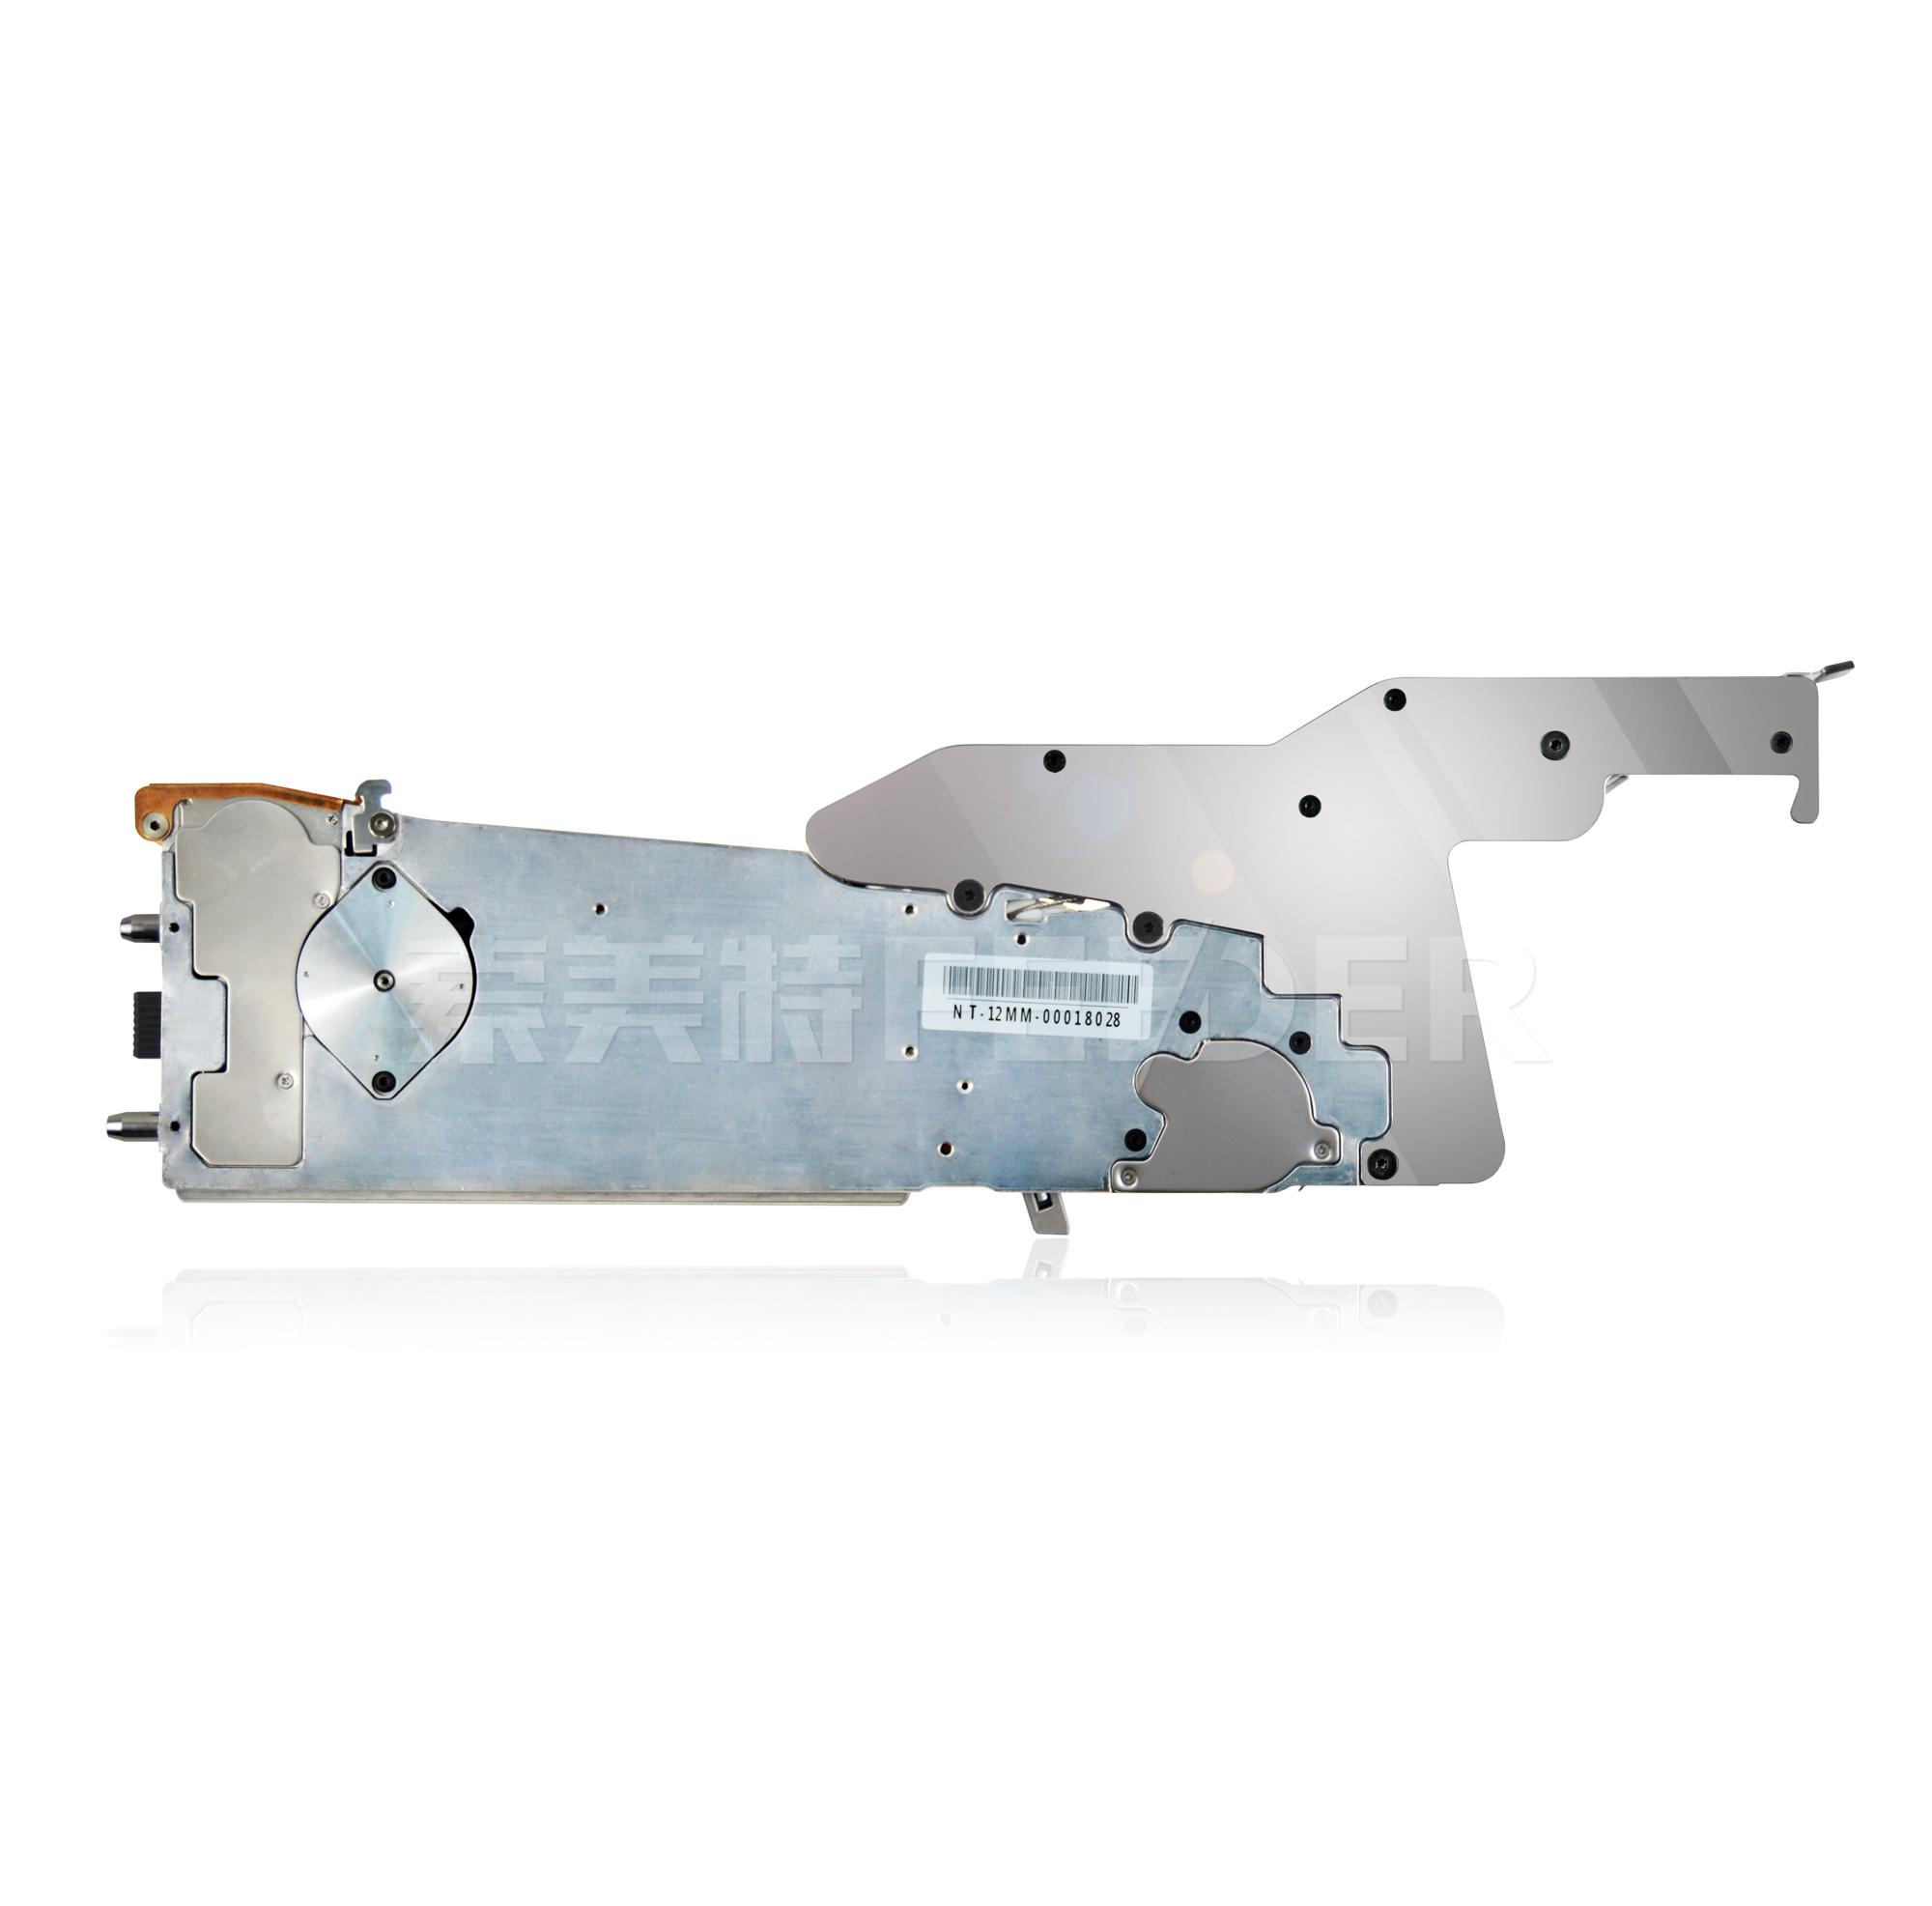 第三代NXT12MM纯电动飞达/国产高速贴片机电动供料器